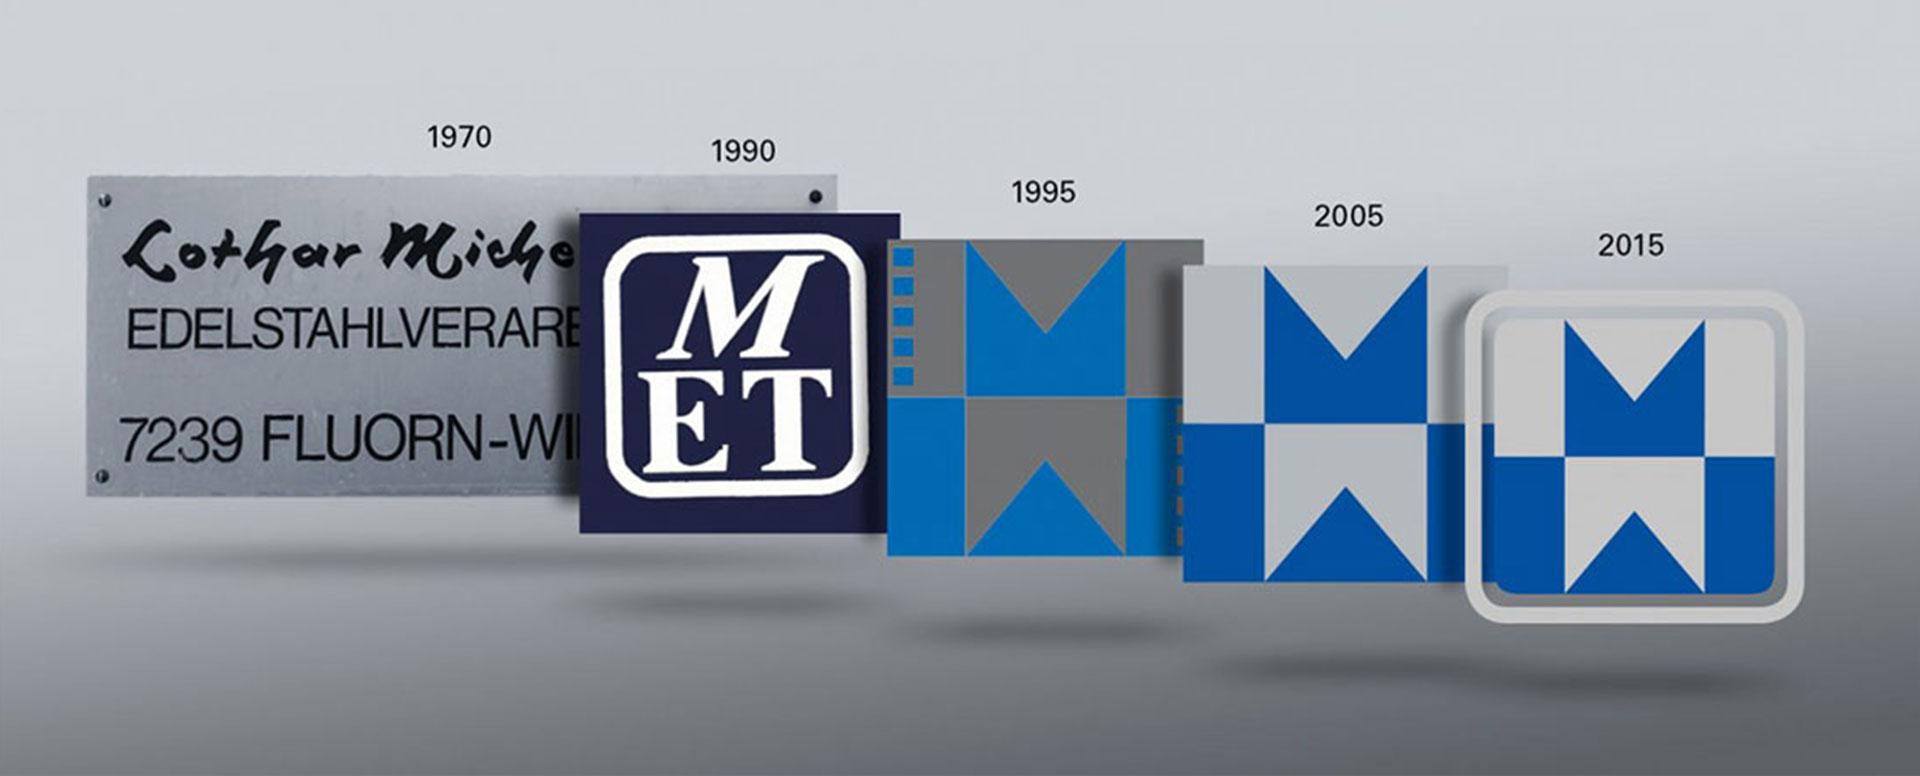 Michelfelder GmbH Geschichte